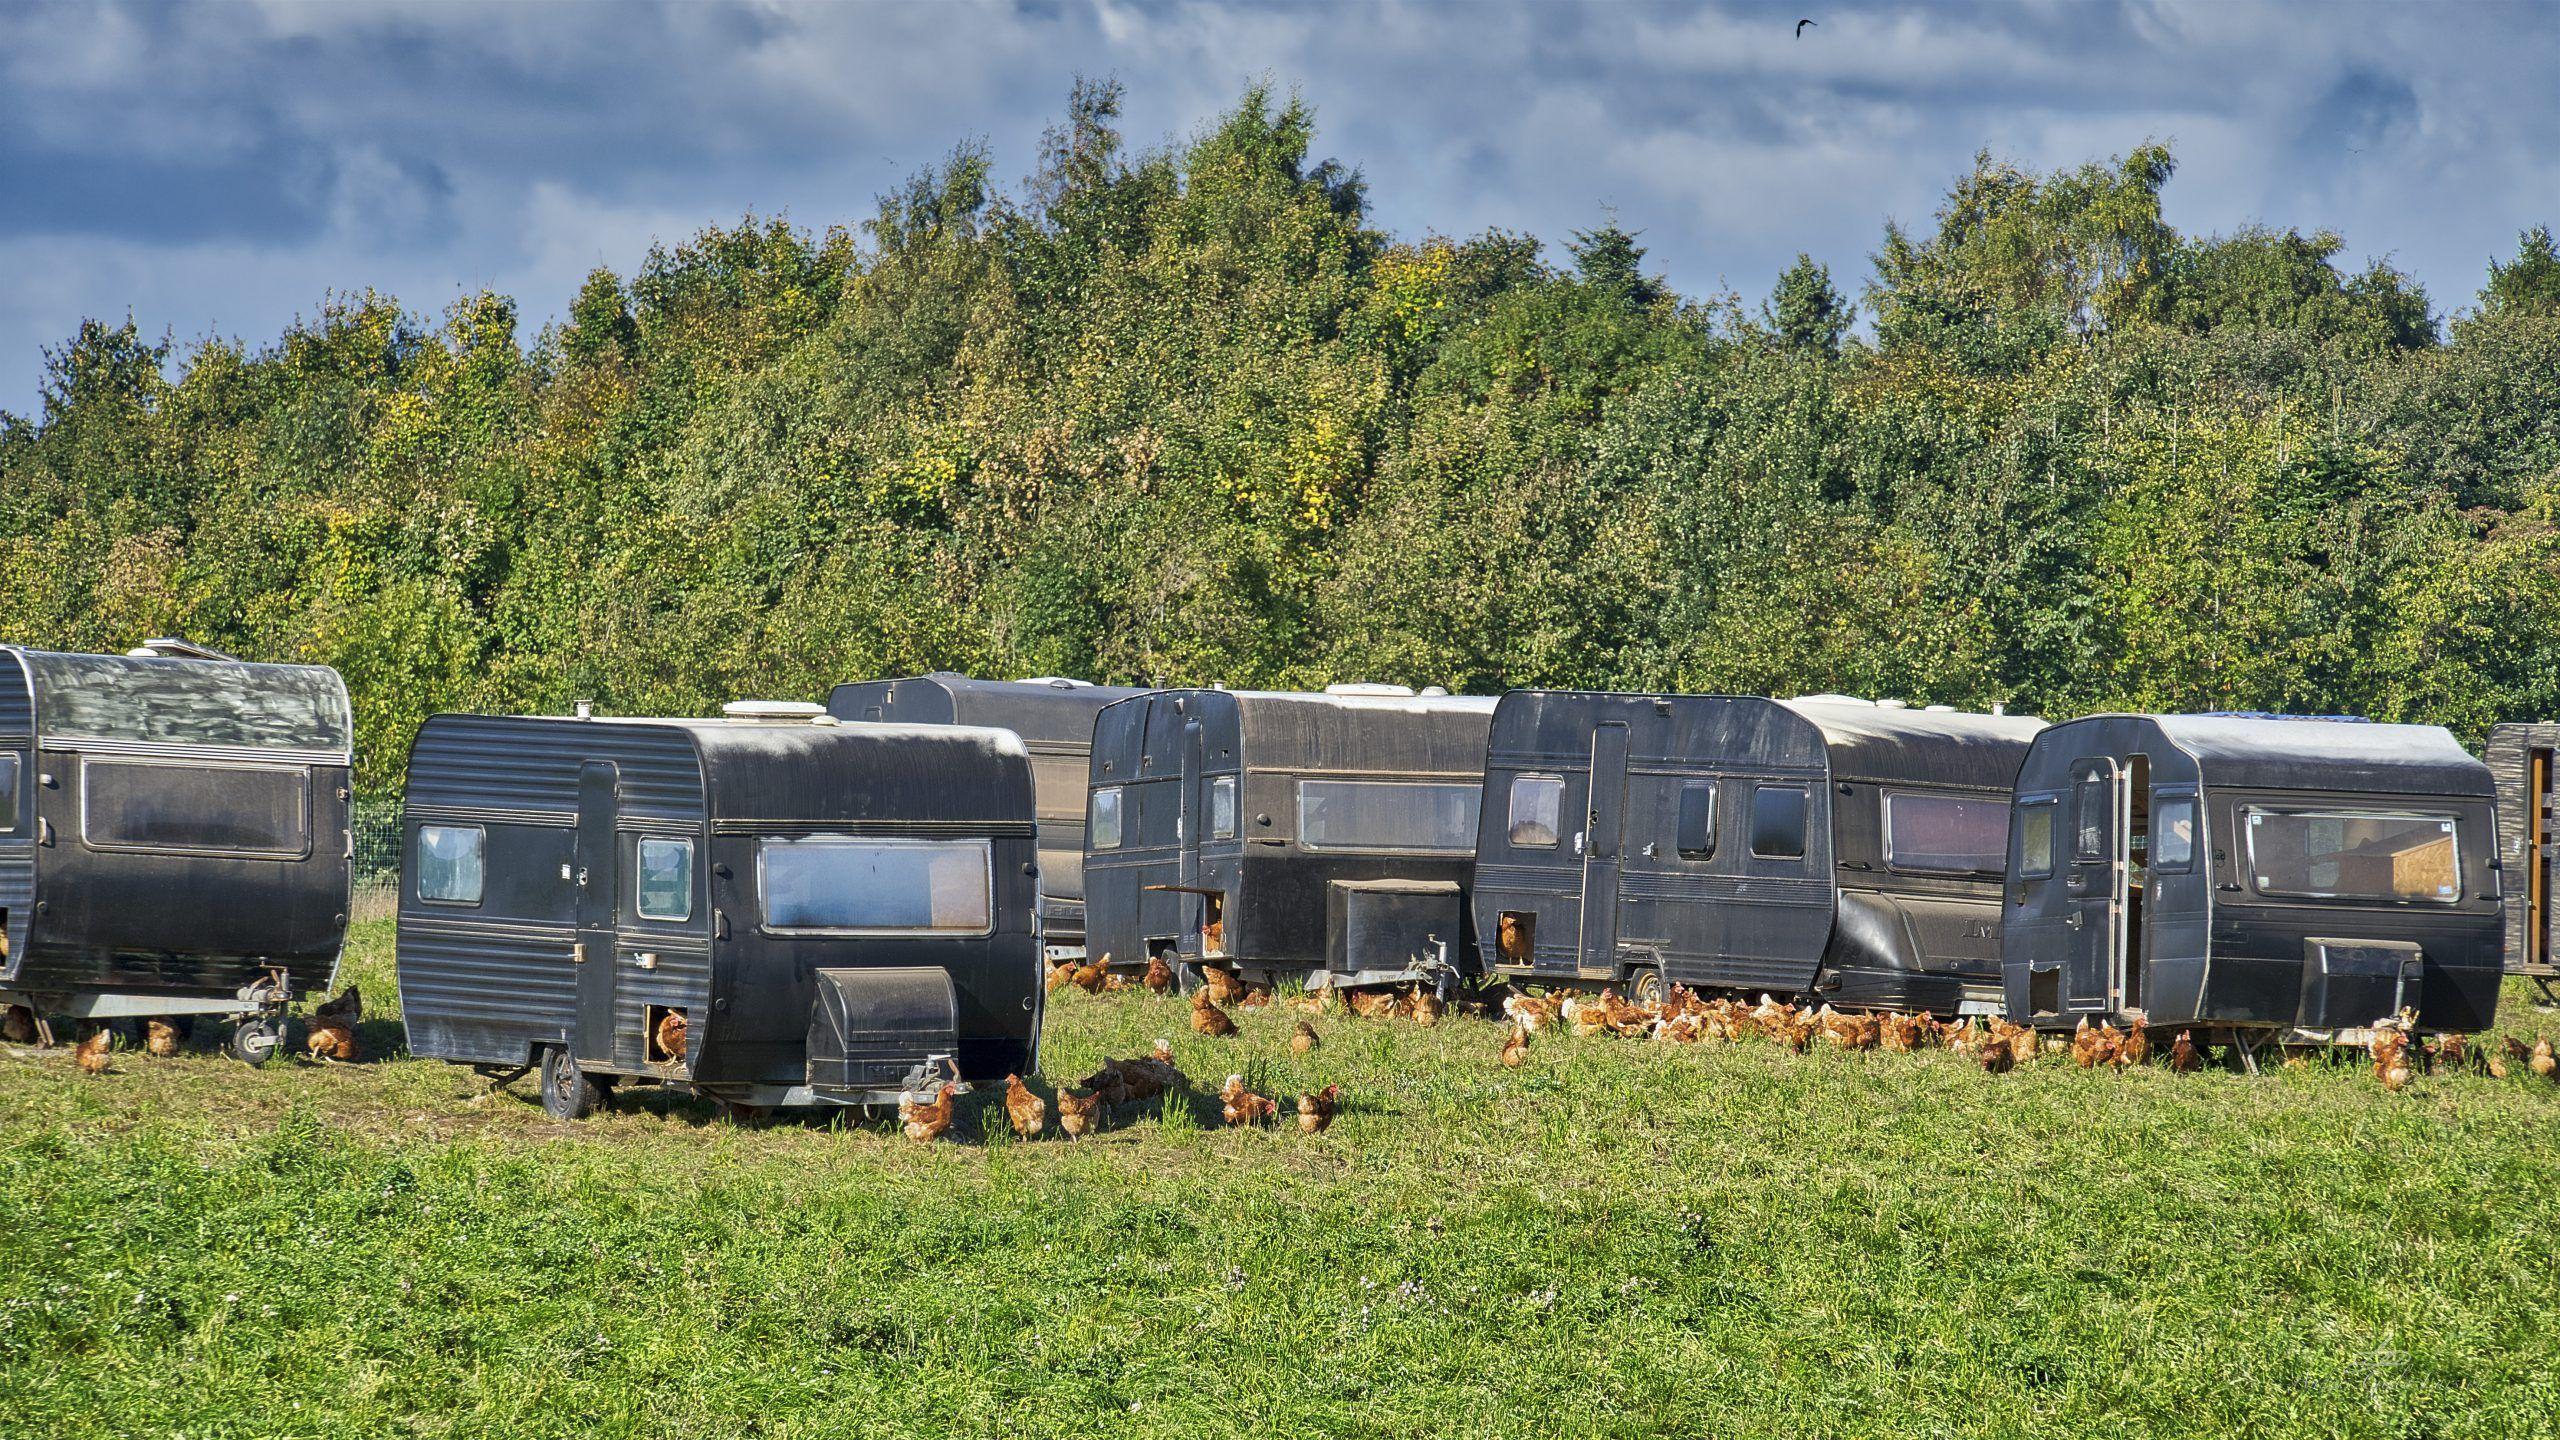 Chicken Camp, 271/365, Uge 39, Kasted, Århus